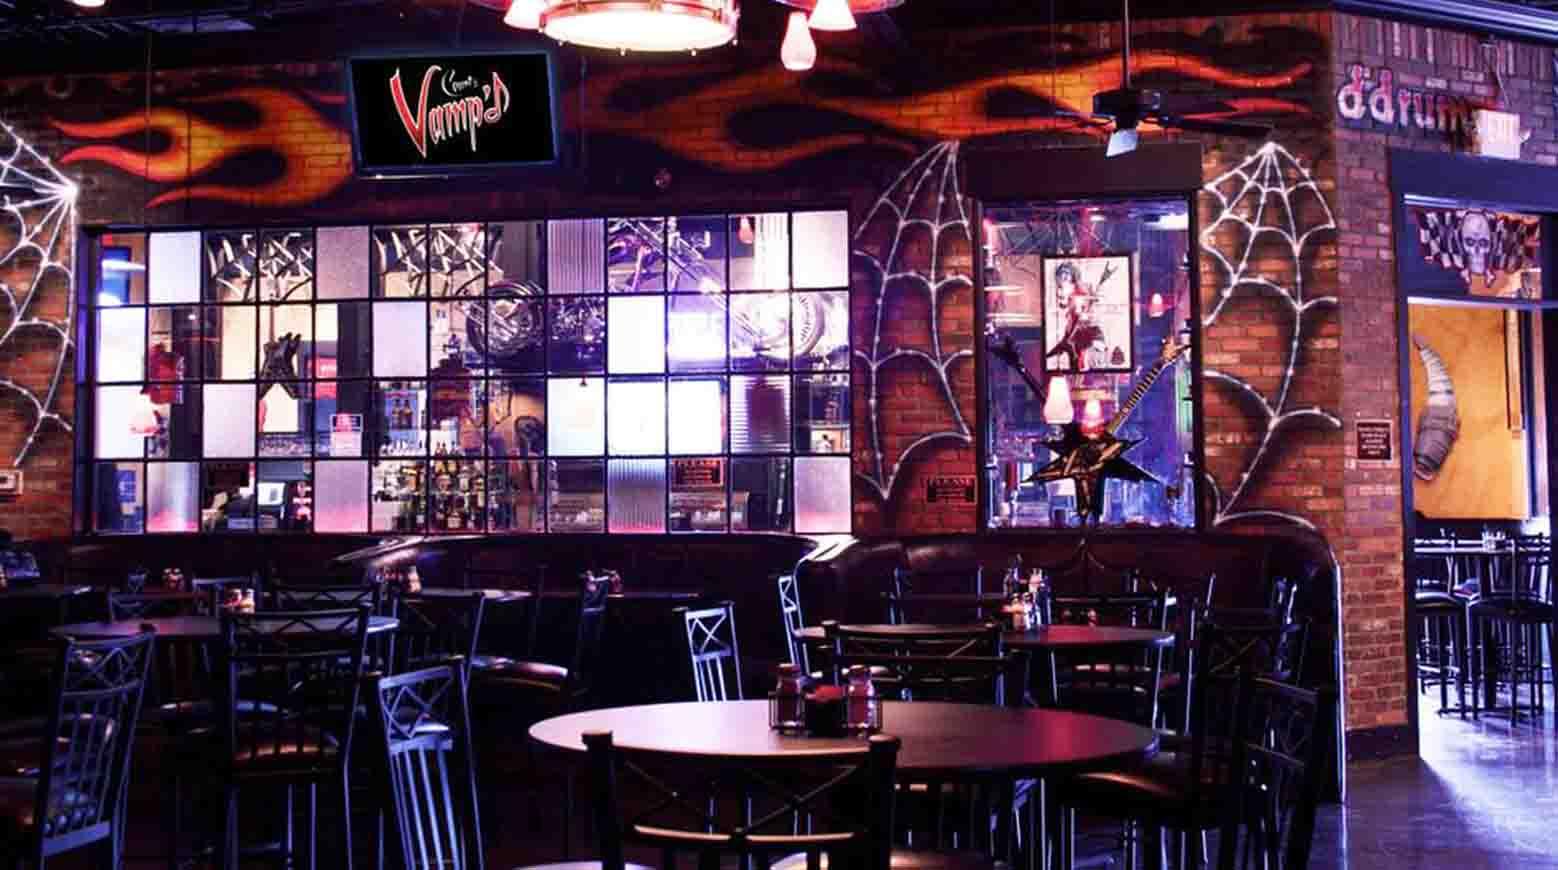 Danny's bar, Count's Vamp'd Rock Bar & Grill